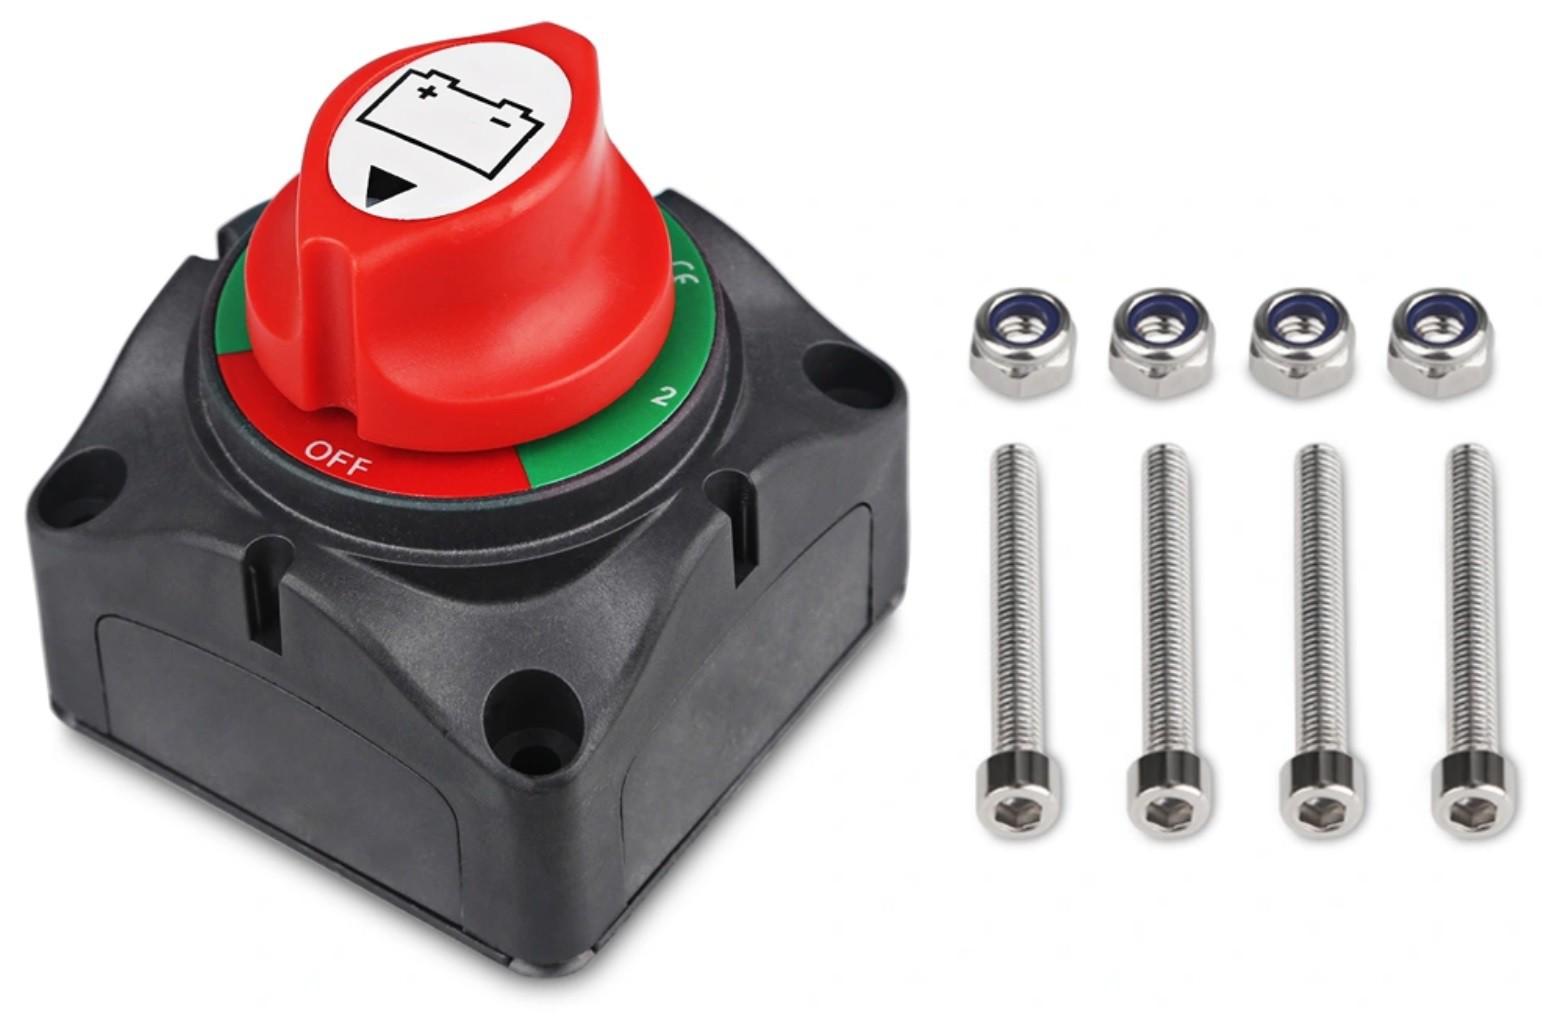 Chave Geral Seletora Náutica para 2 Baterias 200A Contínuos 12V a 50V p/ Barcos e Lanchas